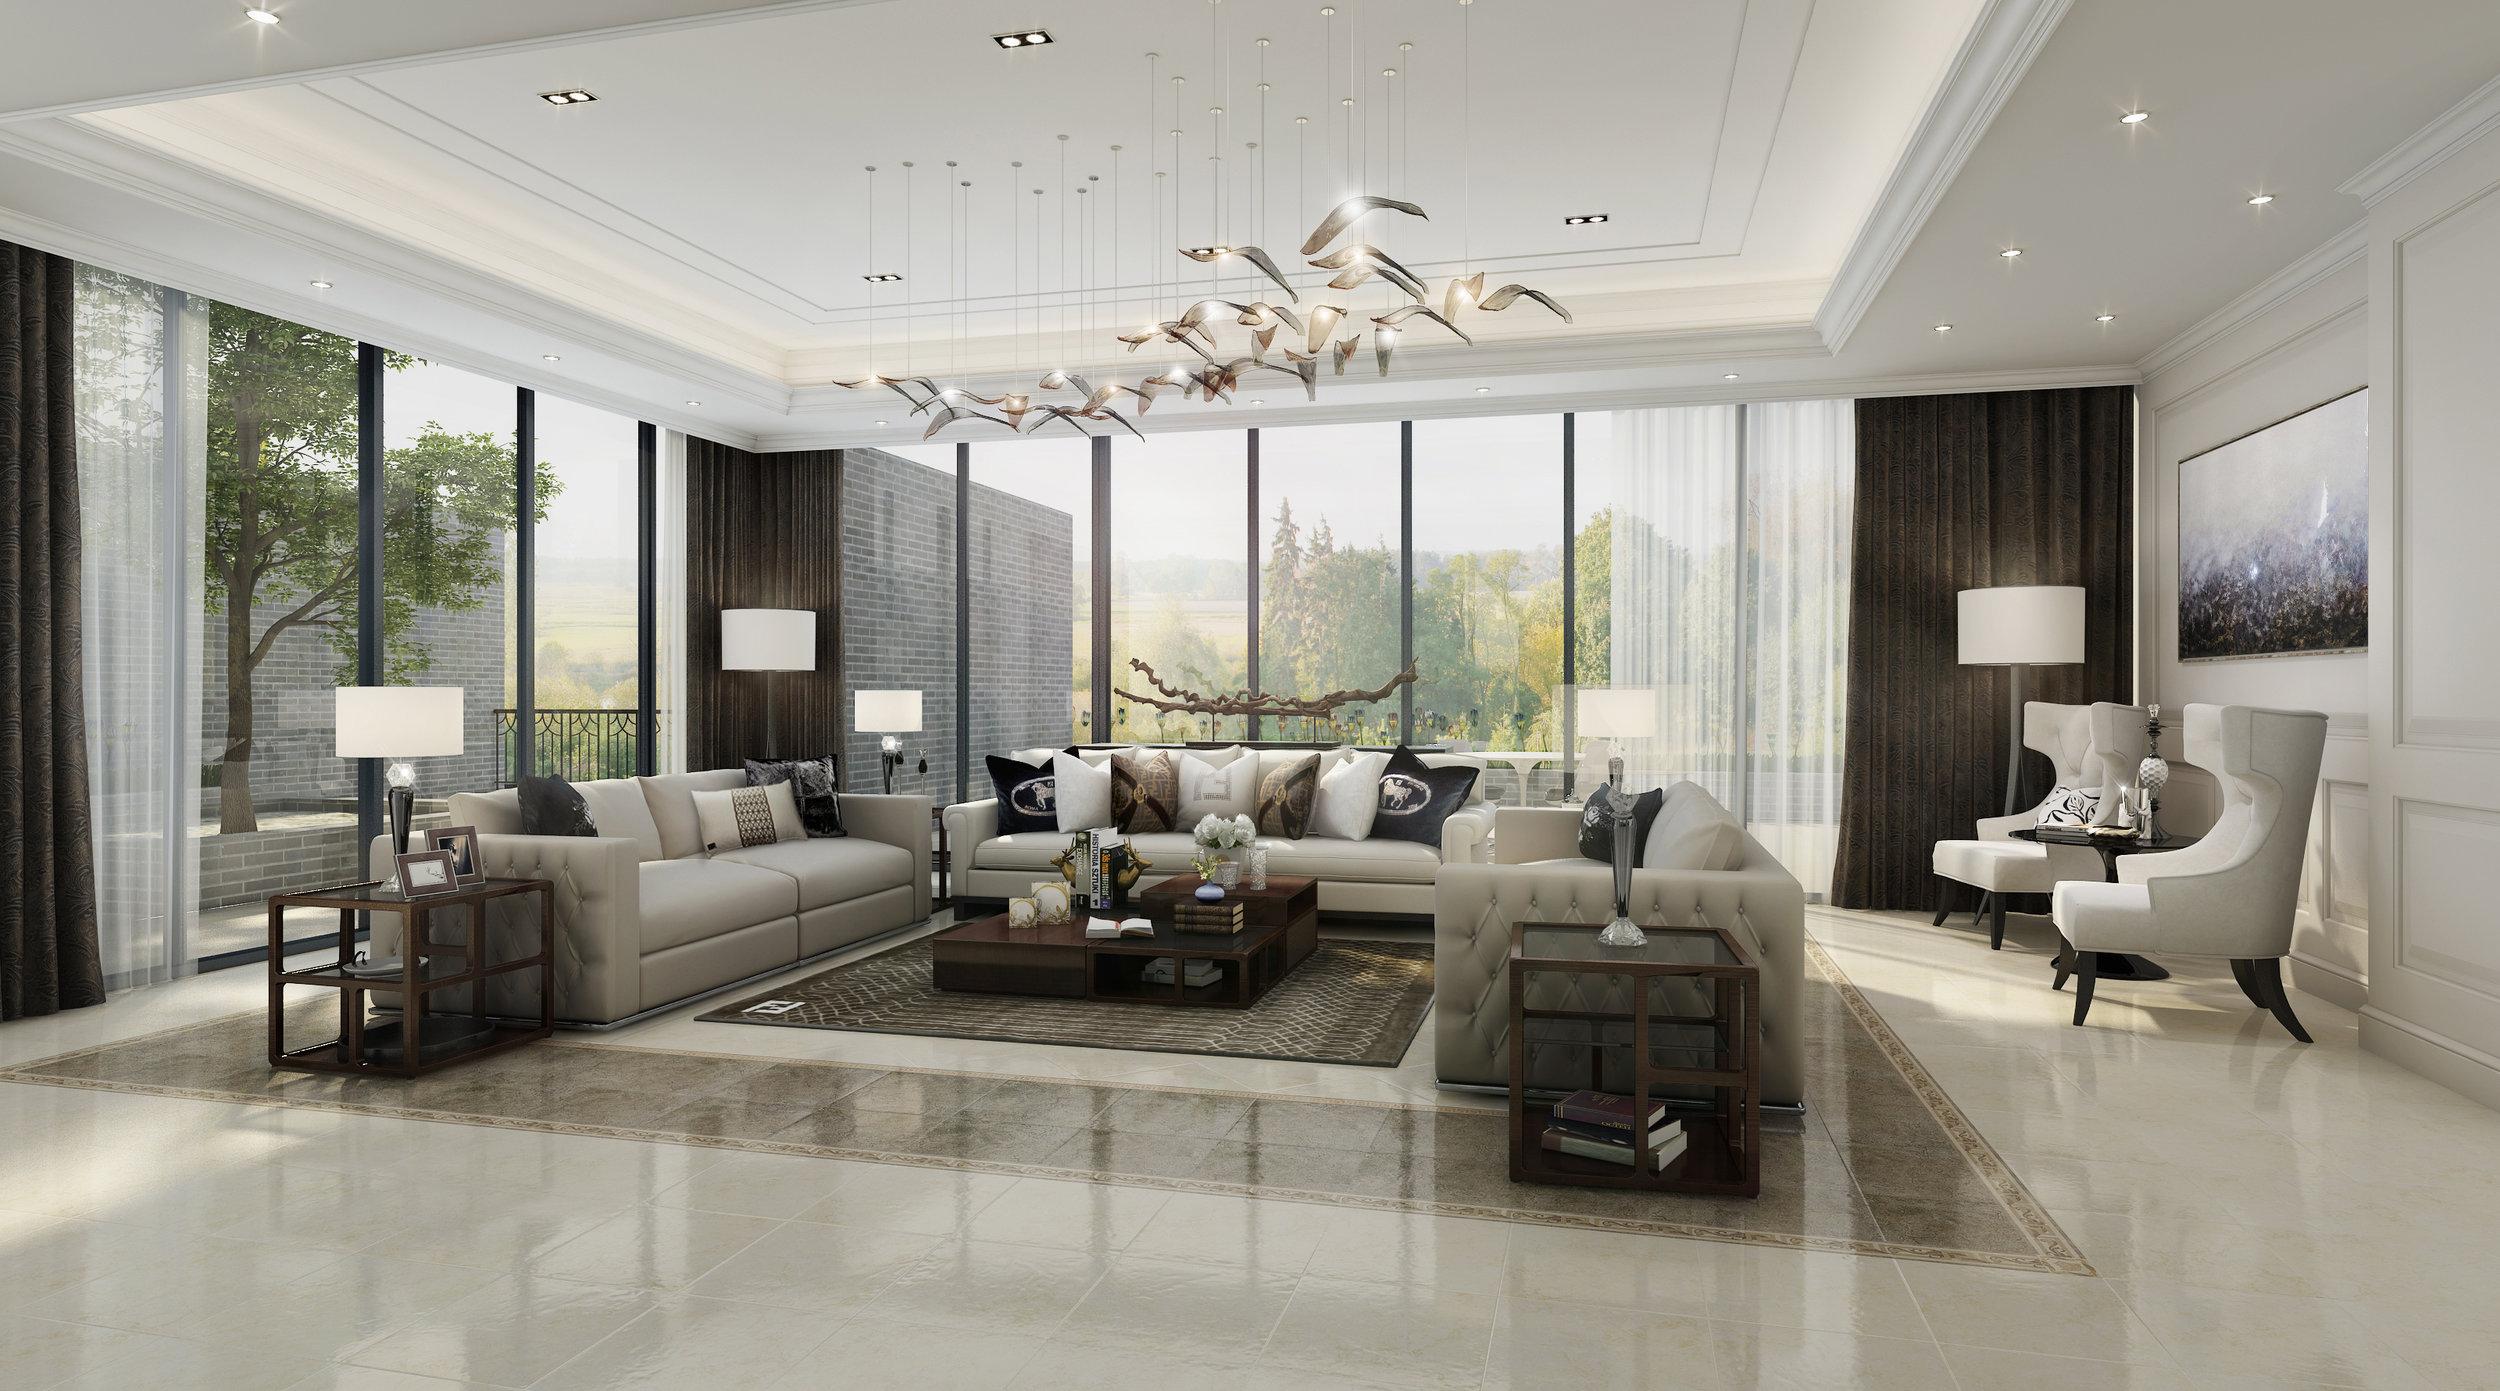 01 Fendi Living room 2.jpg